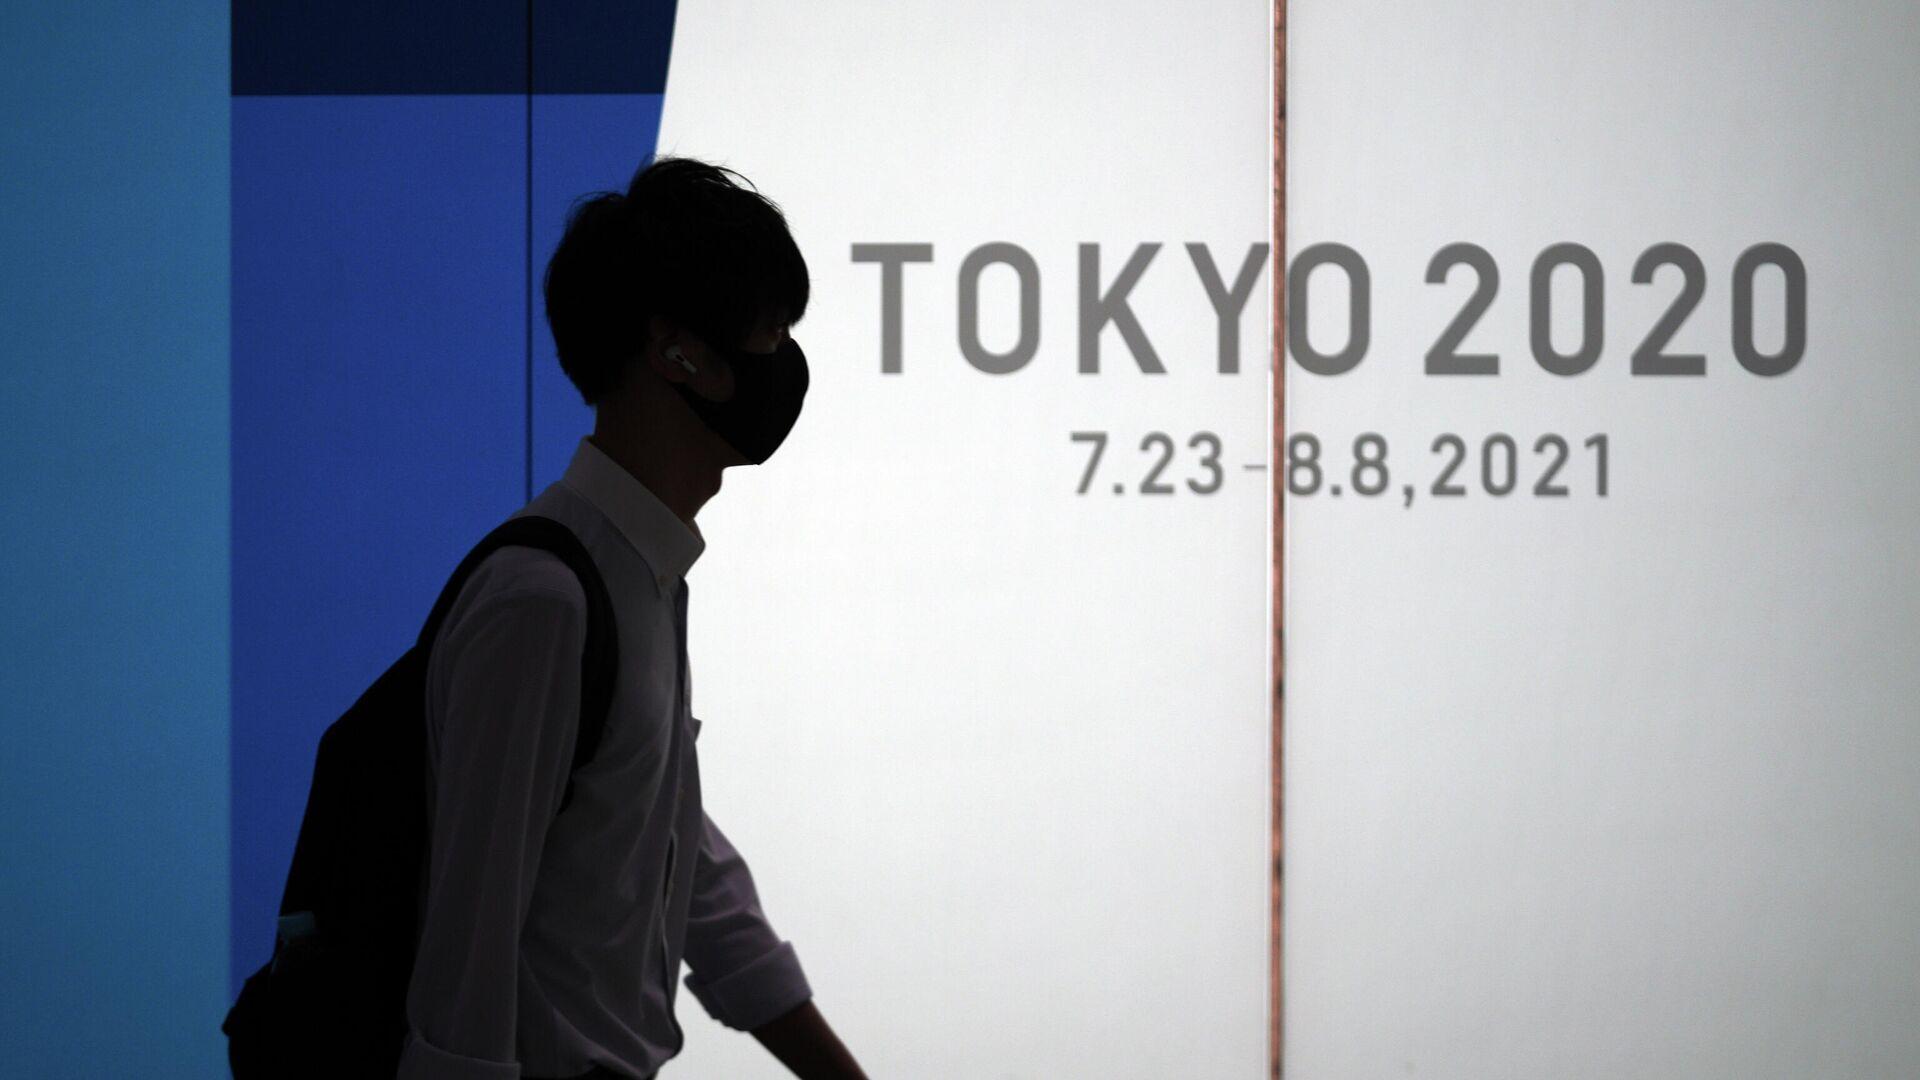 JJOO Tokio 2020 - Sputnik Mundo, 1920, 22.07.2021